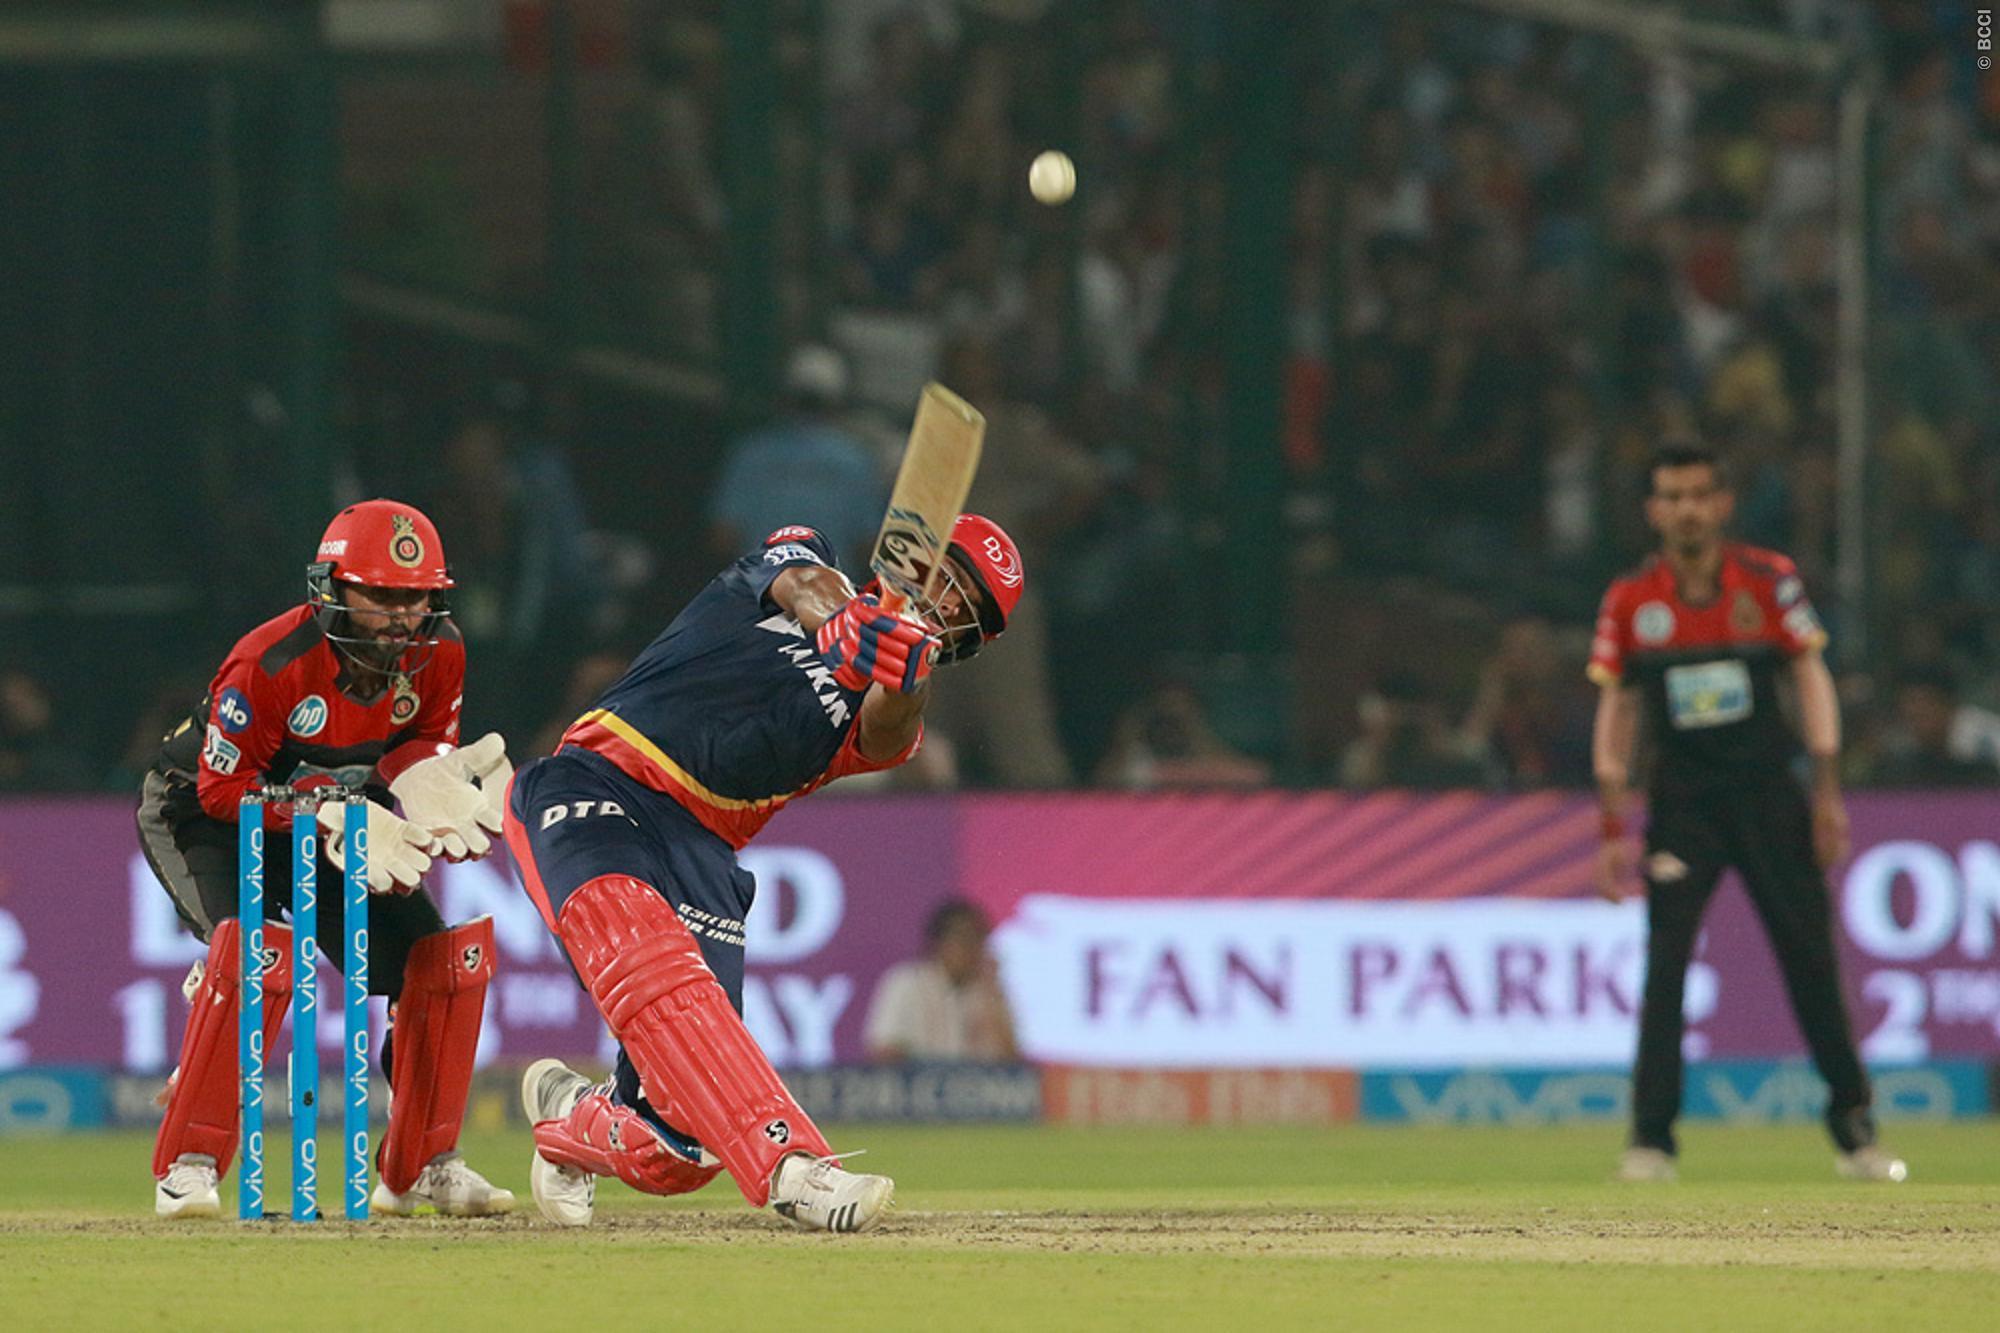 दादी शर्मिला टैगोर की राह पर चली सारा अली खान, 20 वर्षीय इस युवा क्रिकेटर पर है क्रश 3